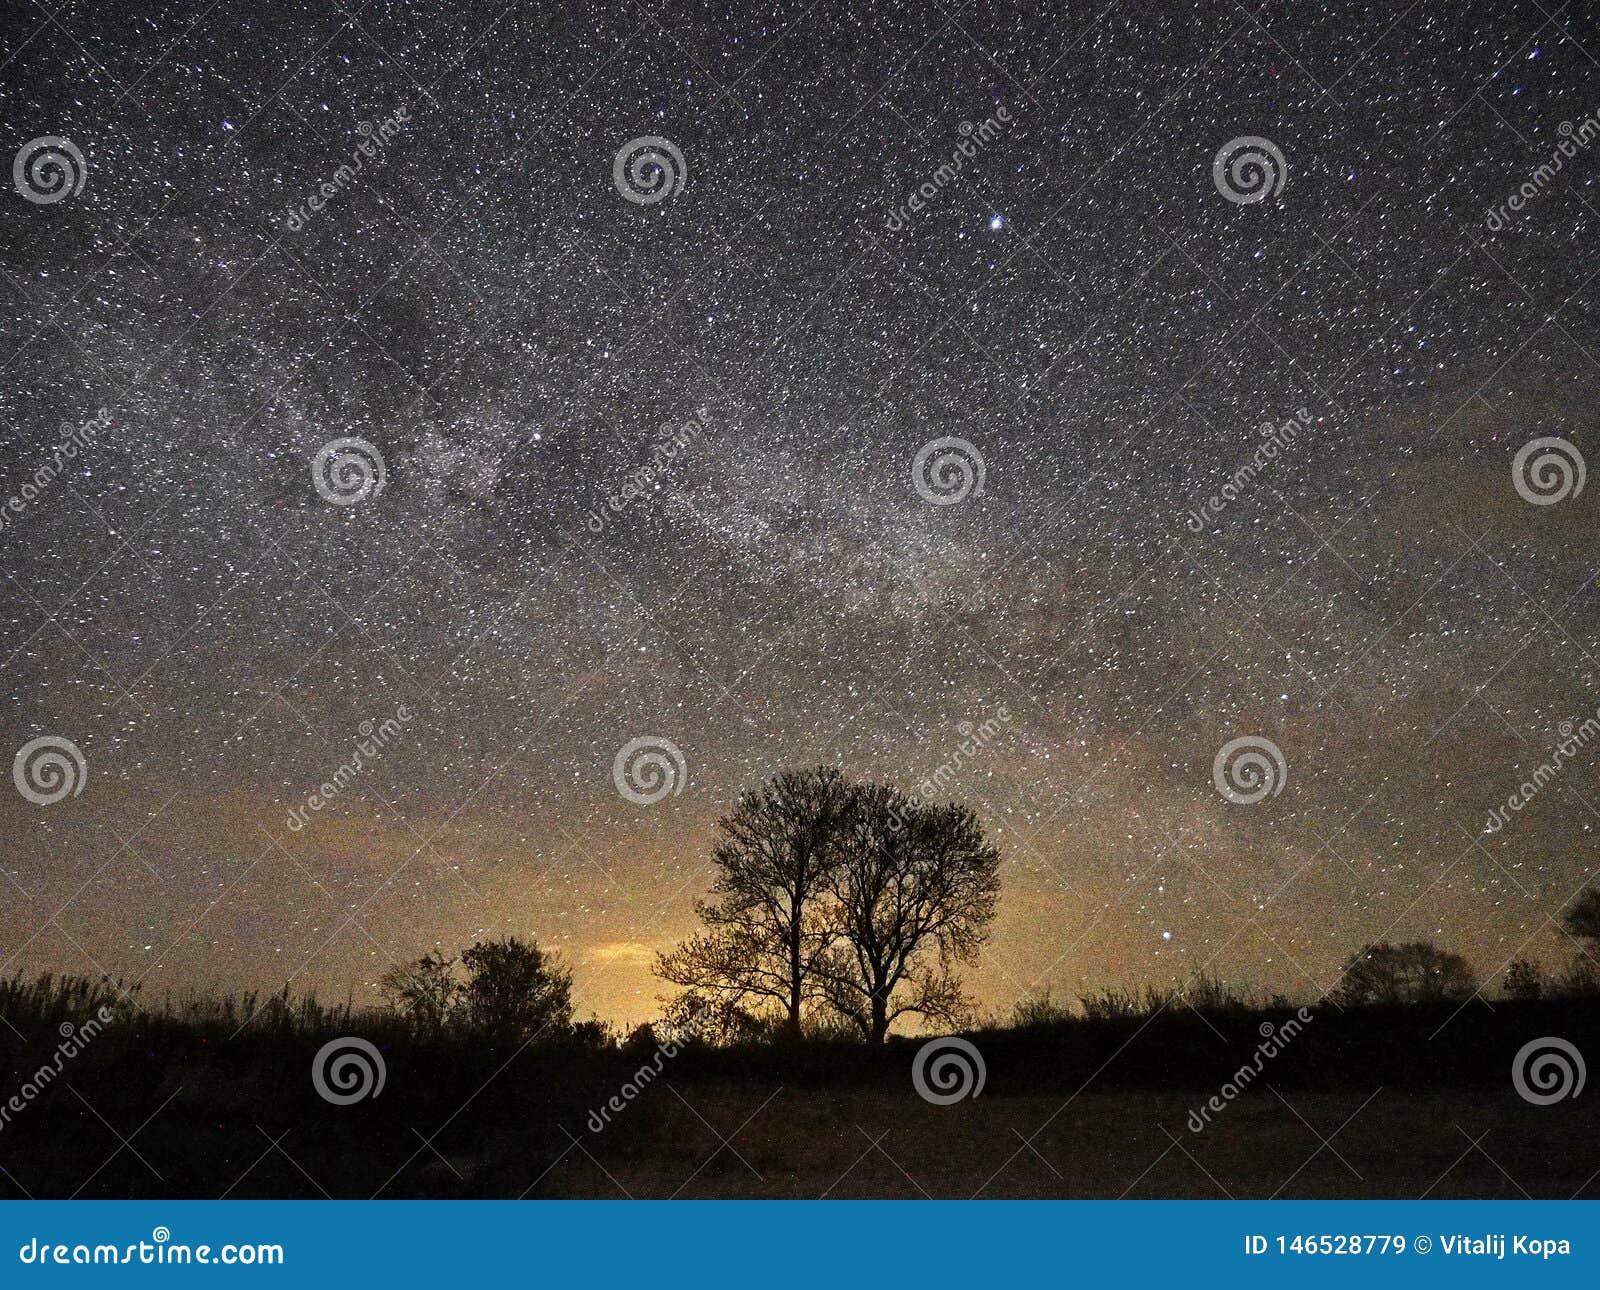 Estrelas e Via L?tea do c?u noturno observando, constela??o de Lyra